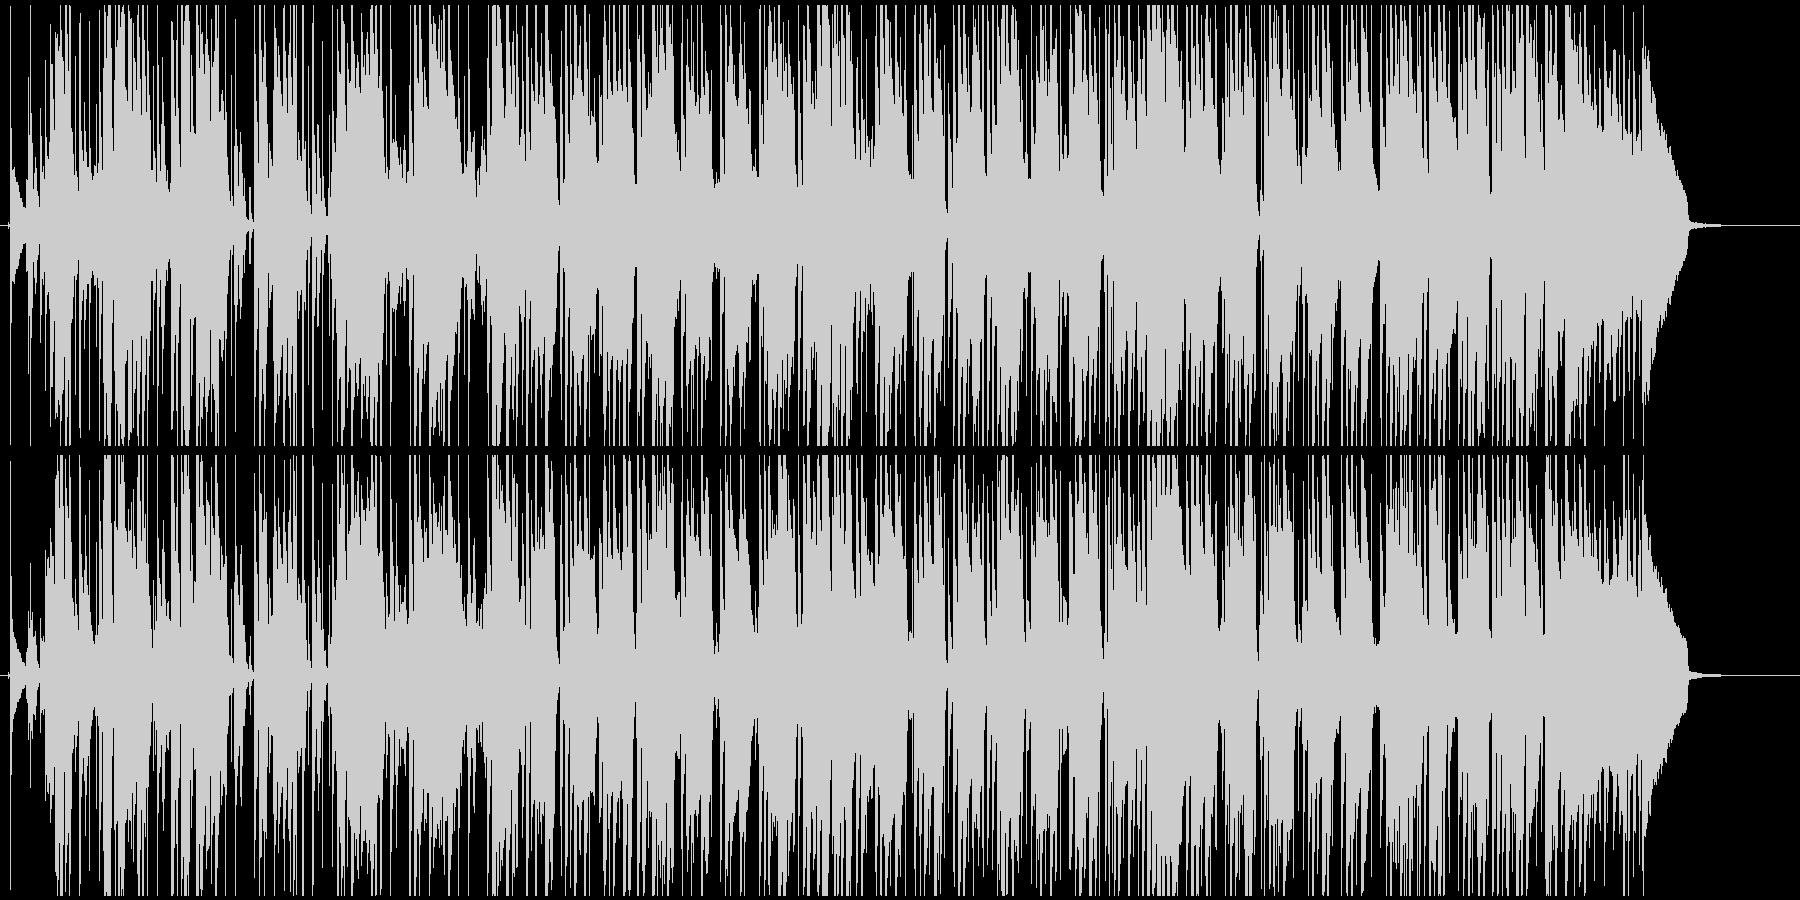 レゲエ風のトロピカルなBGMの未再生の波形